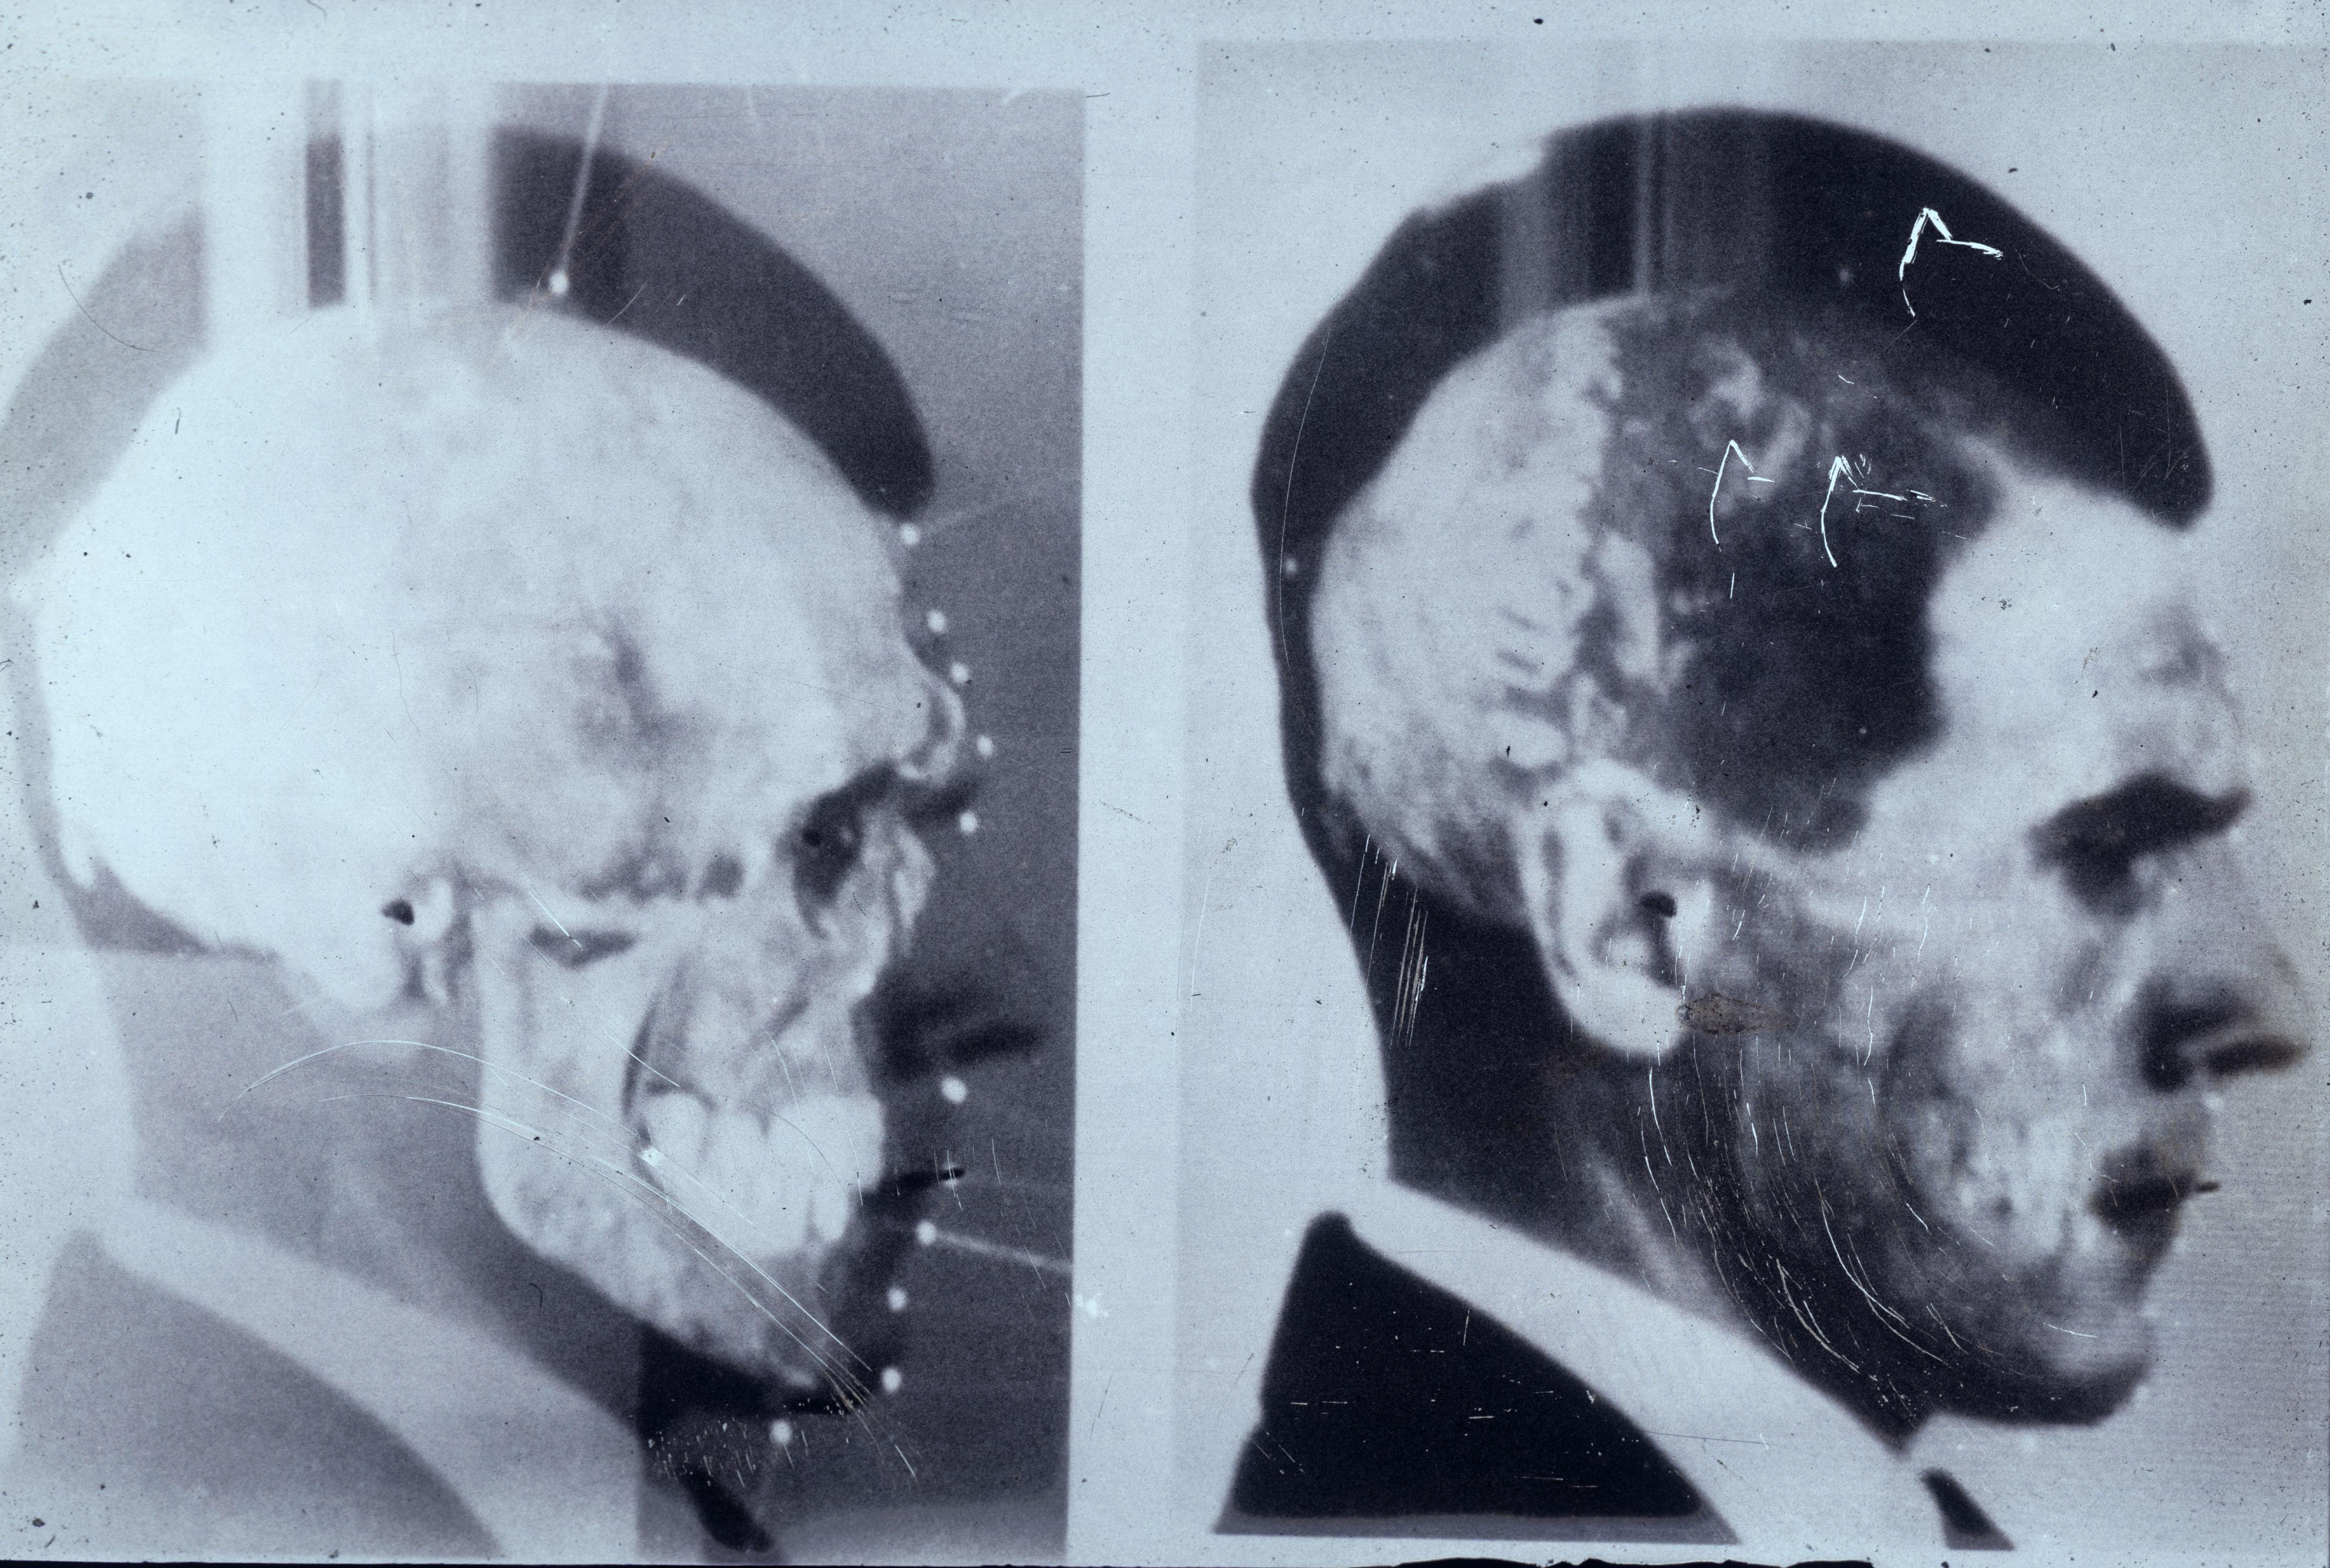 Imagenes de Josef Mengele con el cráneo superpuesto.